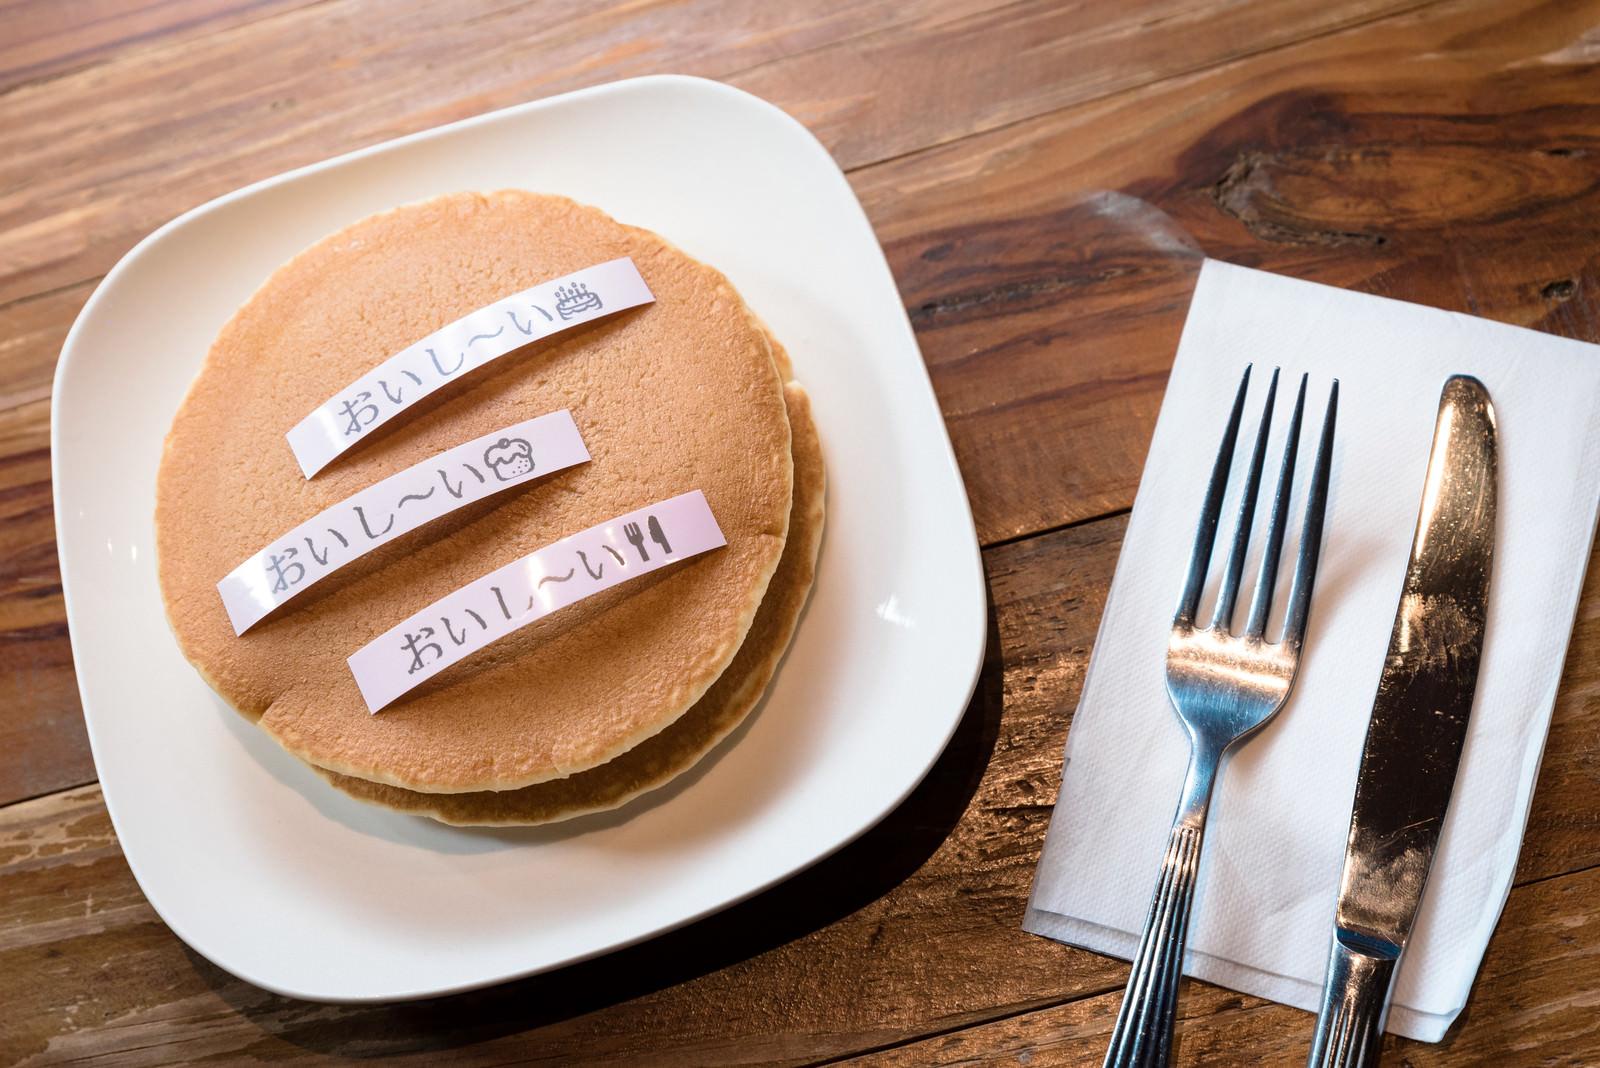 「ダイエットを始めてから食べ物が語りかけてくるようになった」の写真